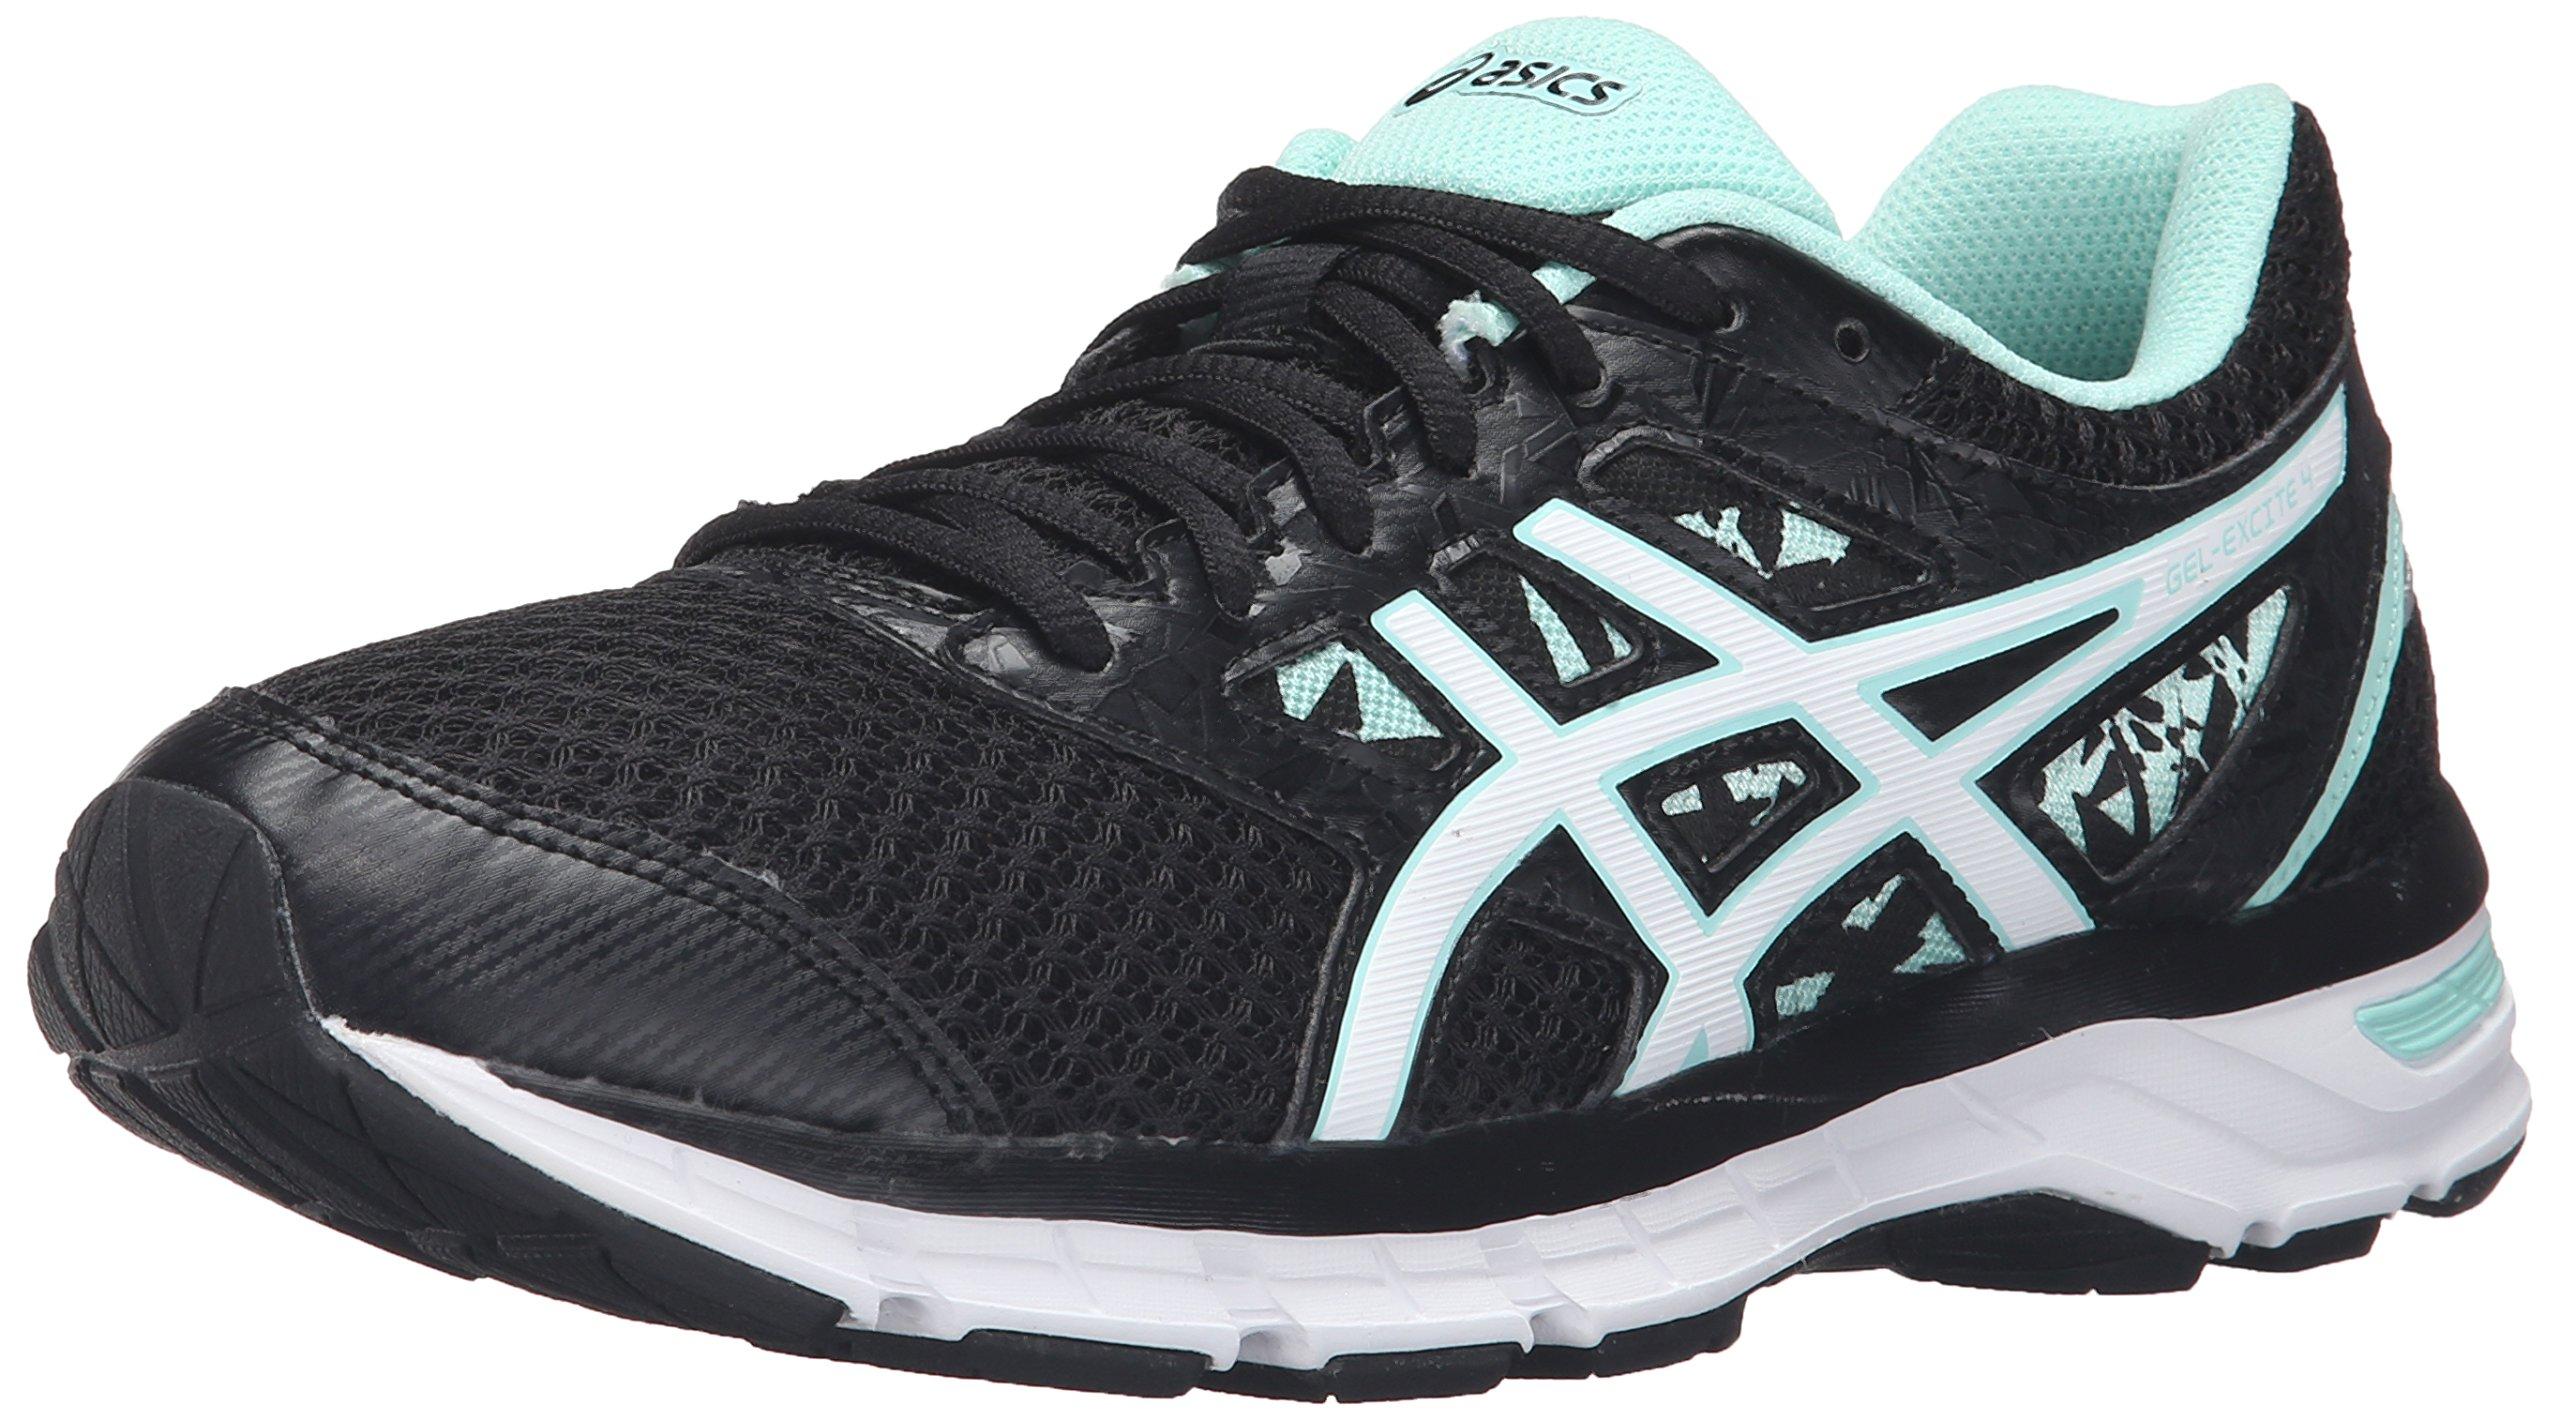 ASICS Women's Gel-Excite 4 Running Shoe, Black/White/Mint, 10 M US